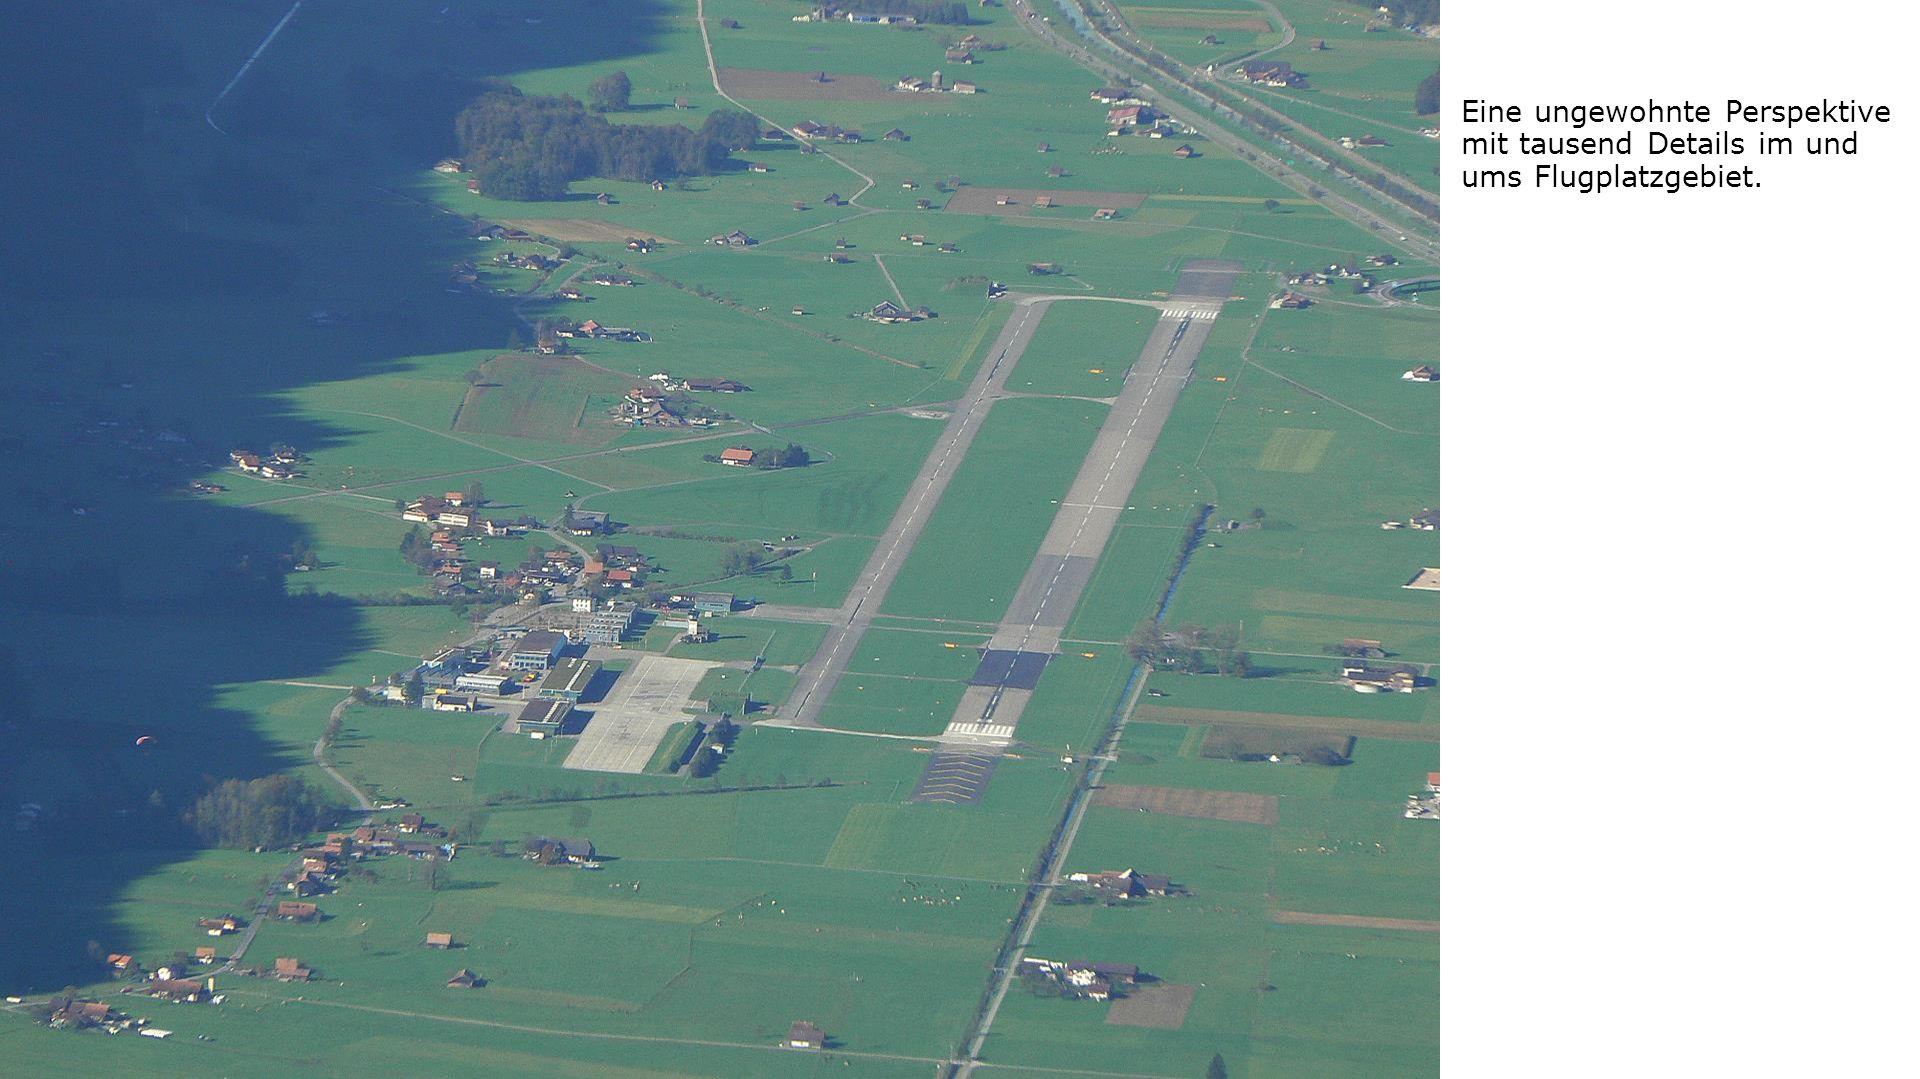 Eine ungewohnte Perspektive mit tausend Details im und ums Flugplatzgebiet.